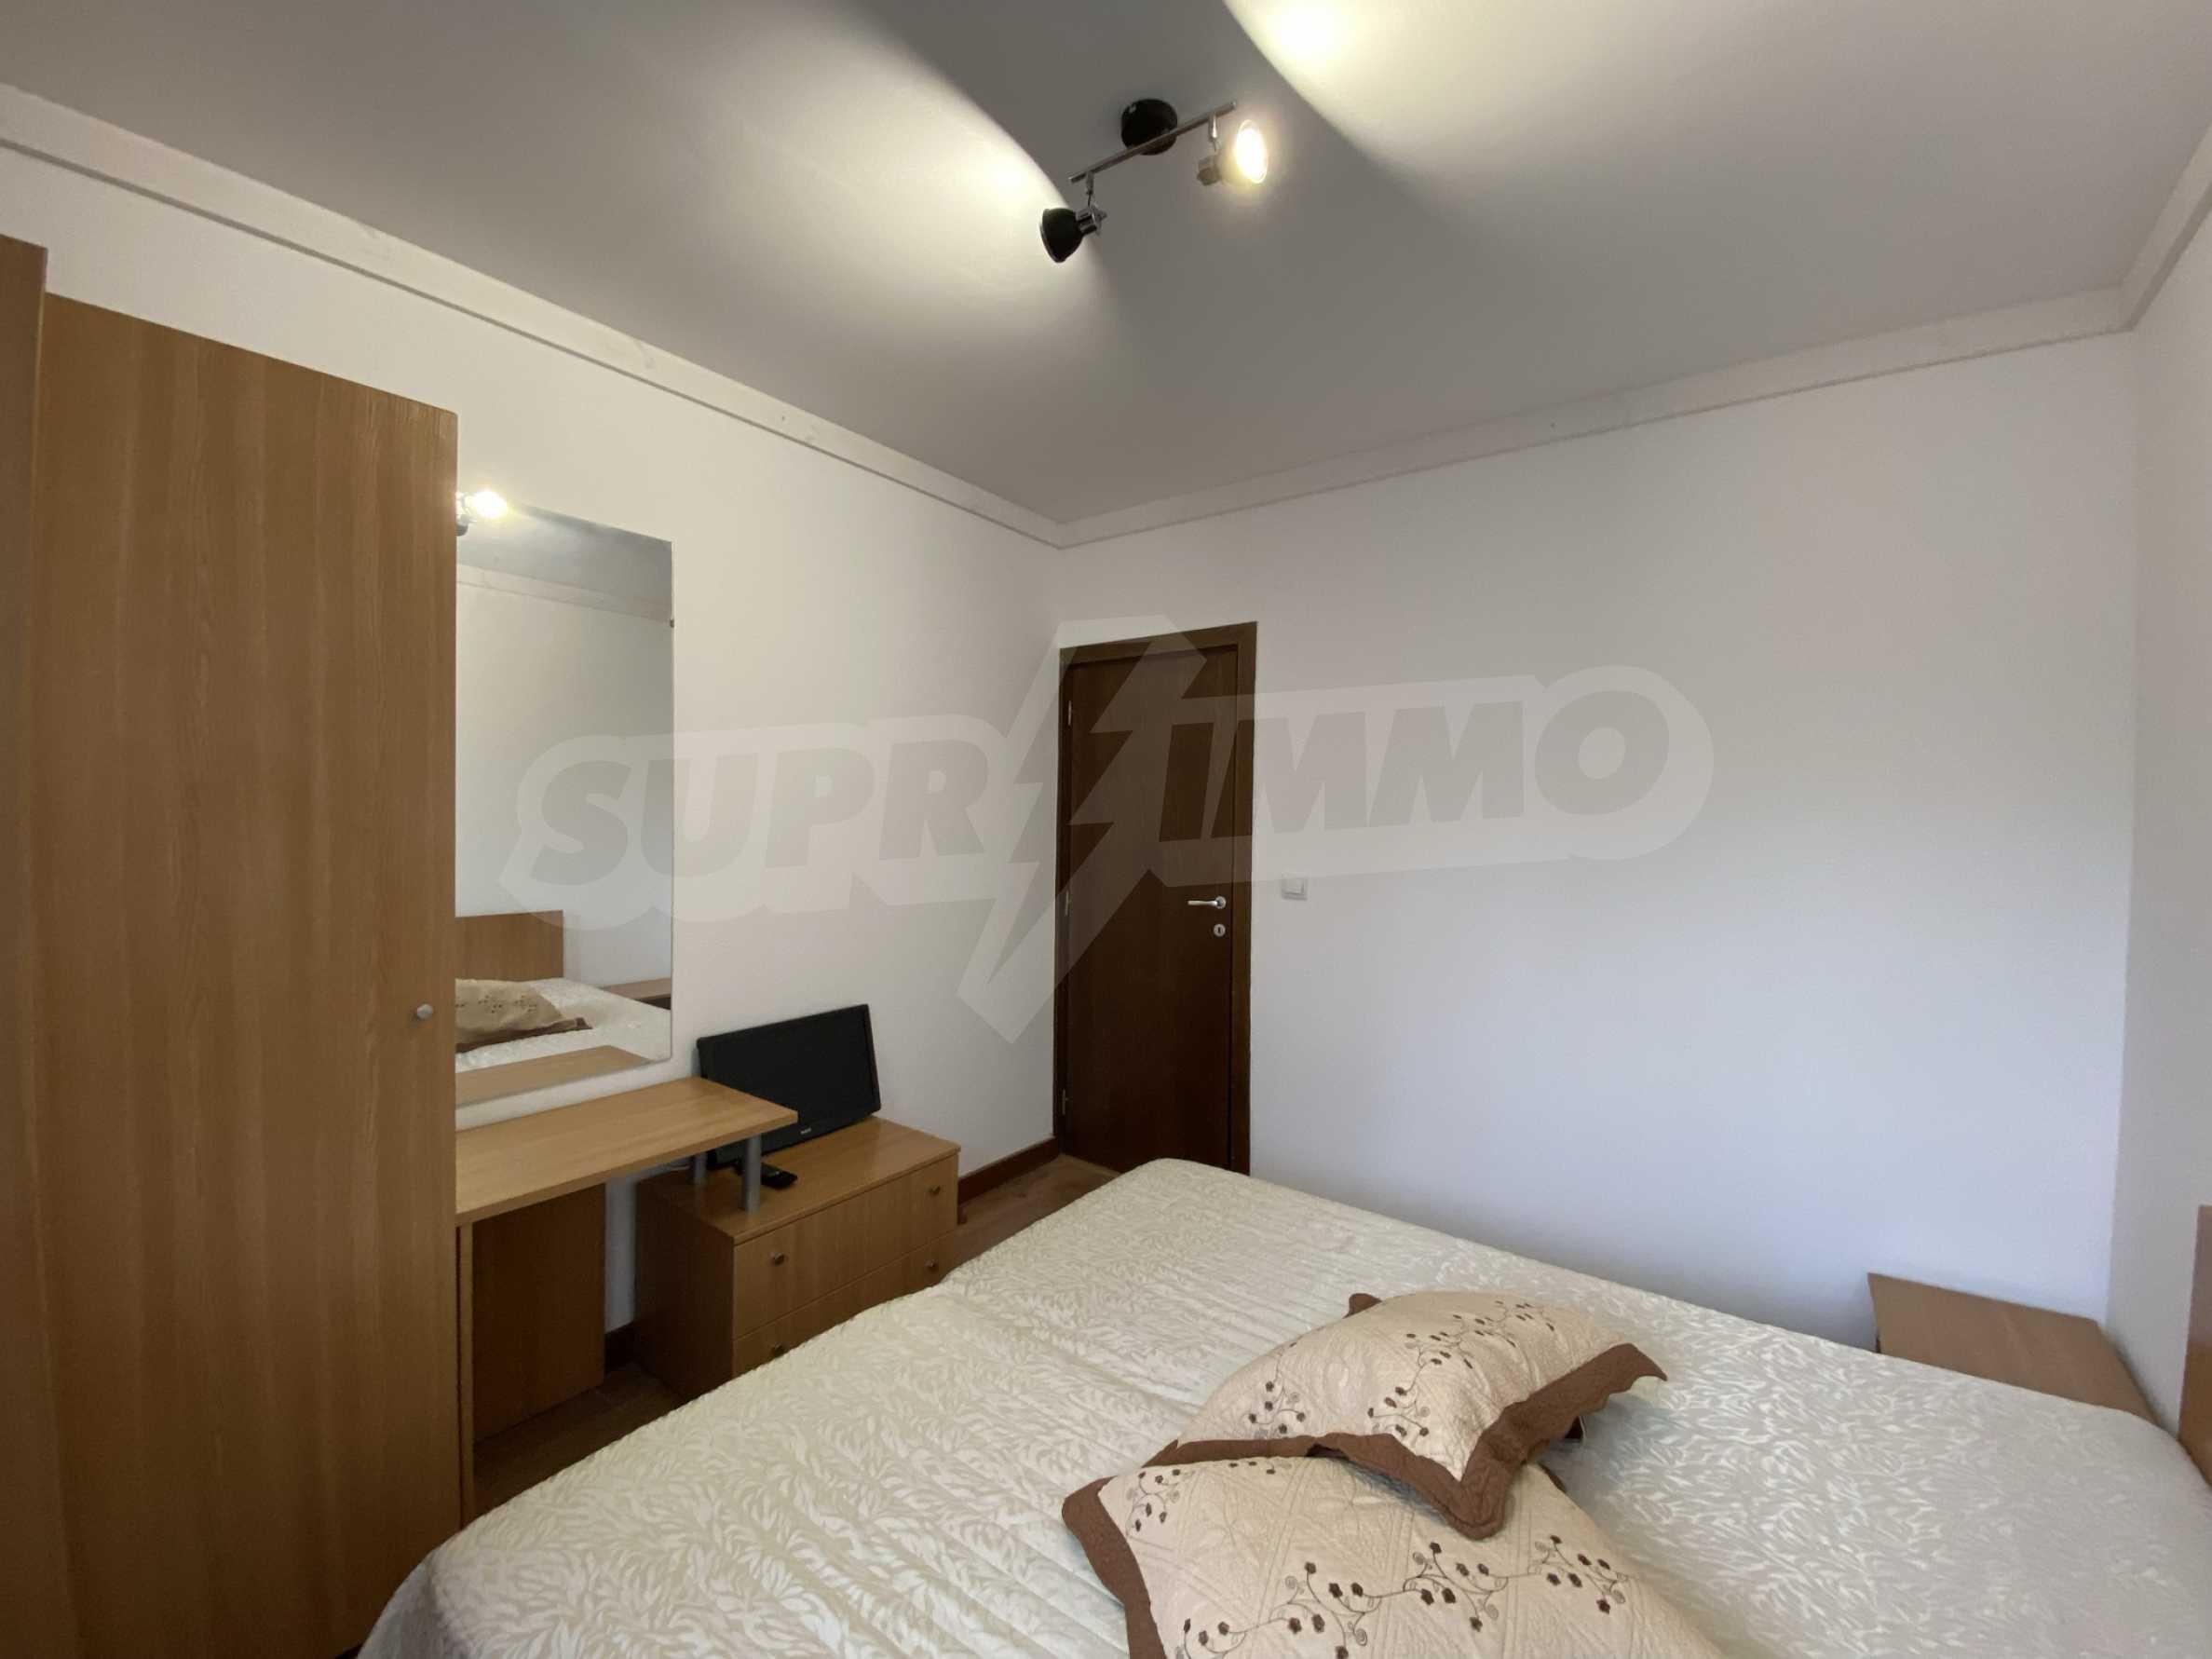 Apartment mit zwei Schlafzimmern zum Verkauf in der Nähe des Skigebiets in Bansko 7